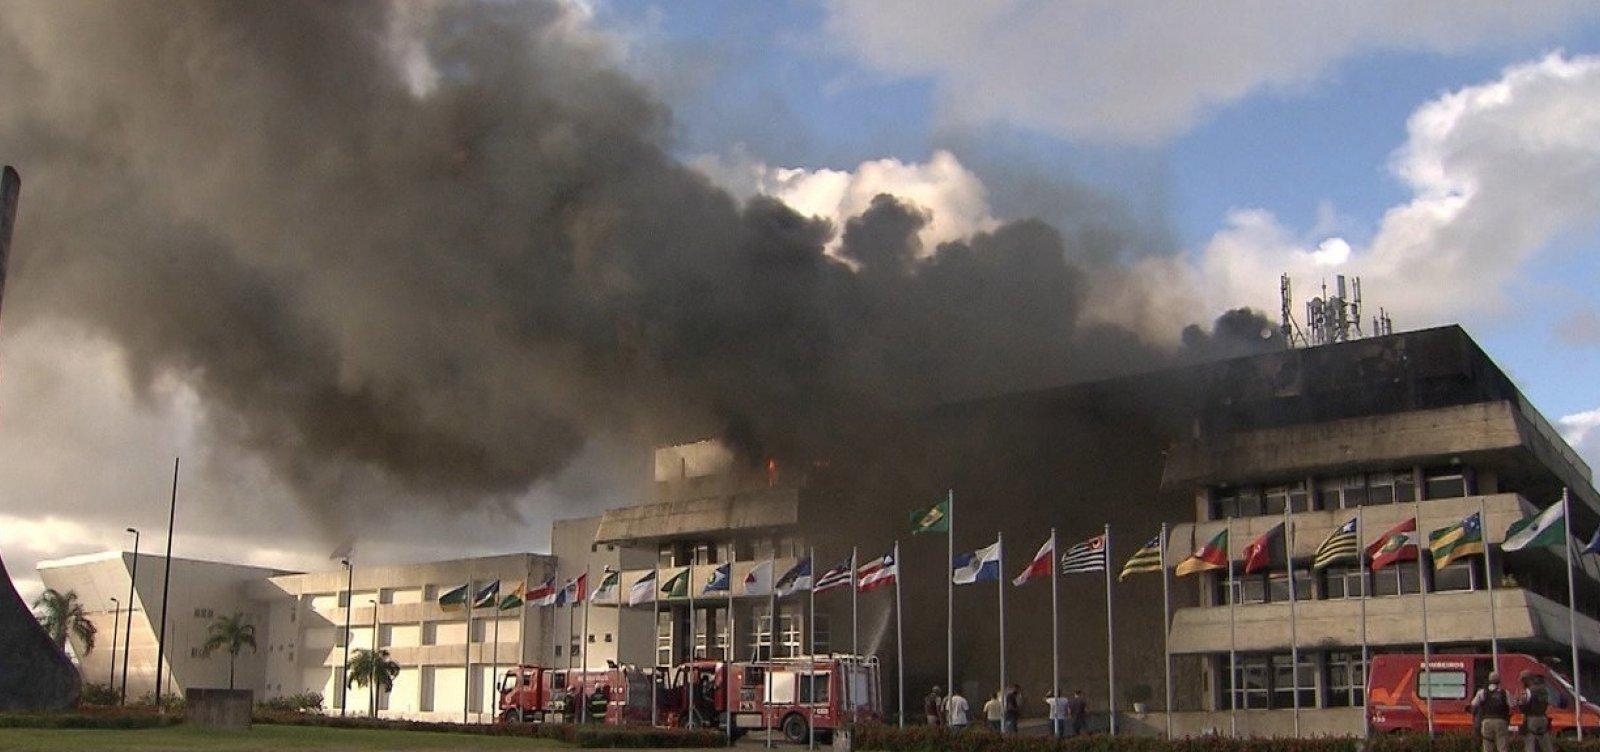 Perícia descarta incêndio criminoso na Assembleia Legislativa da Bahia